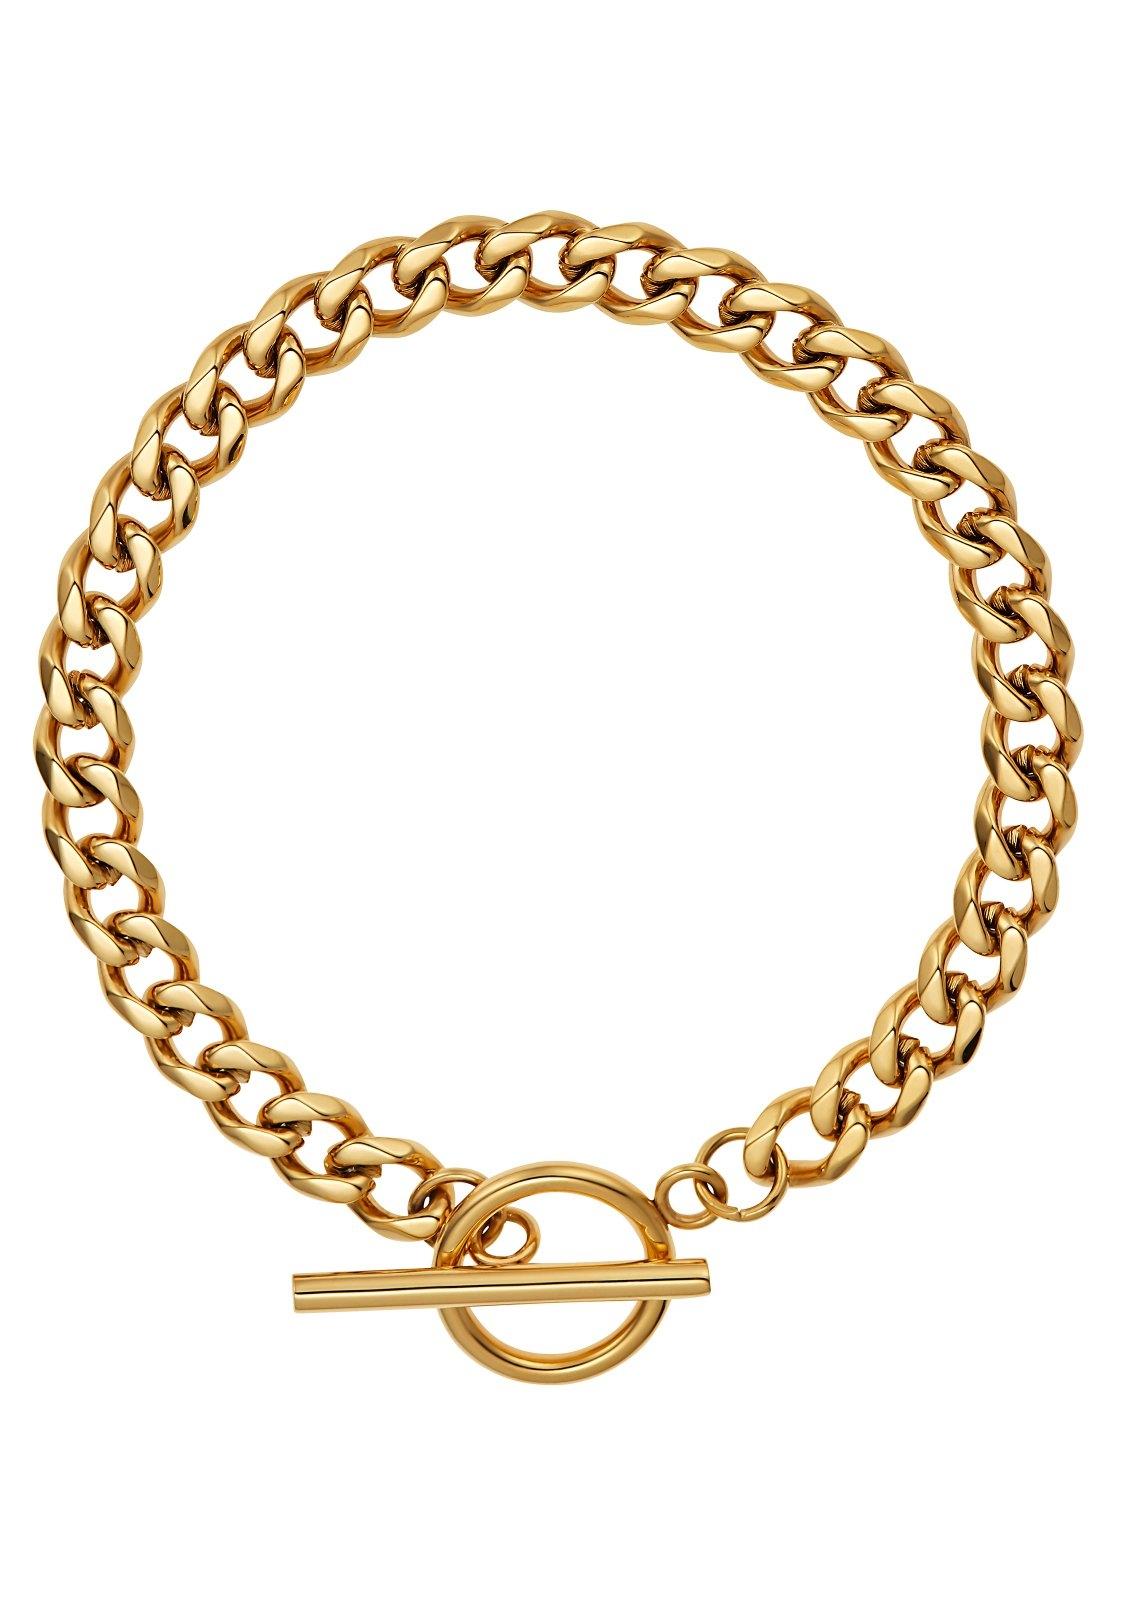 Noelani armband 2029995, 2029996 veilig op otto.nl kopen